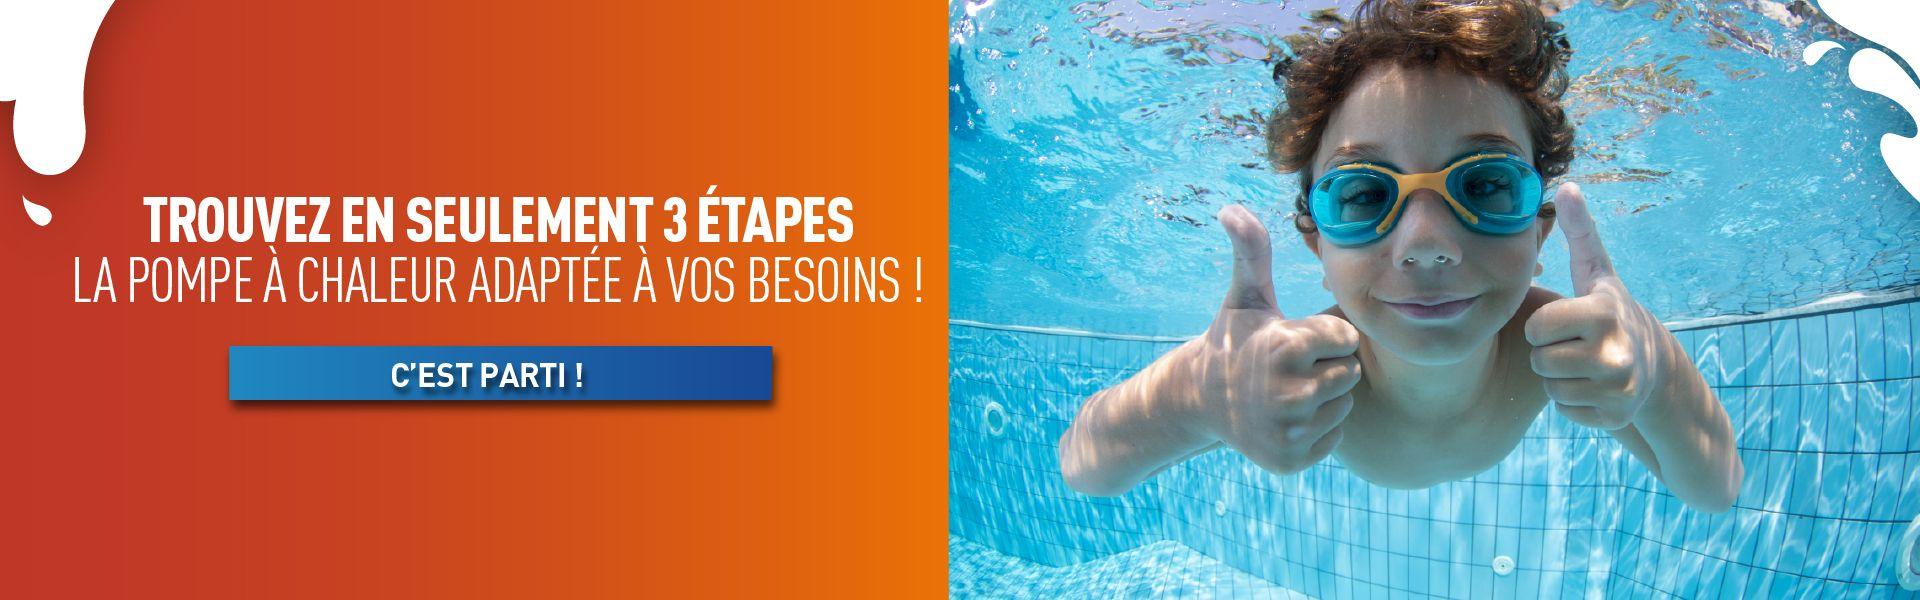 Cash Piscines - Tout Pour La Piscine & Spas Gonflables ... encequiconcerne Cash Piscine Narbonne